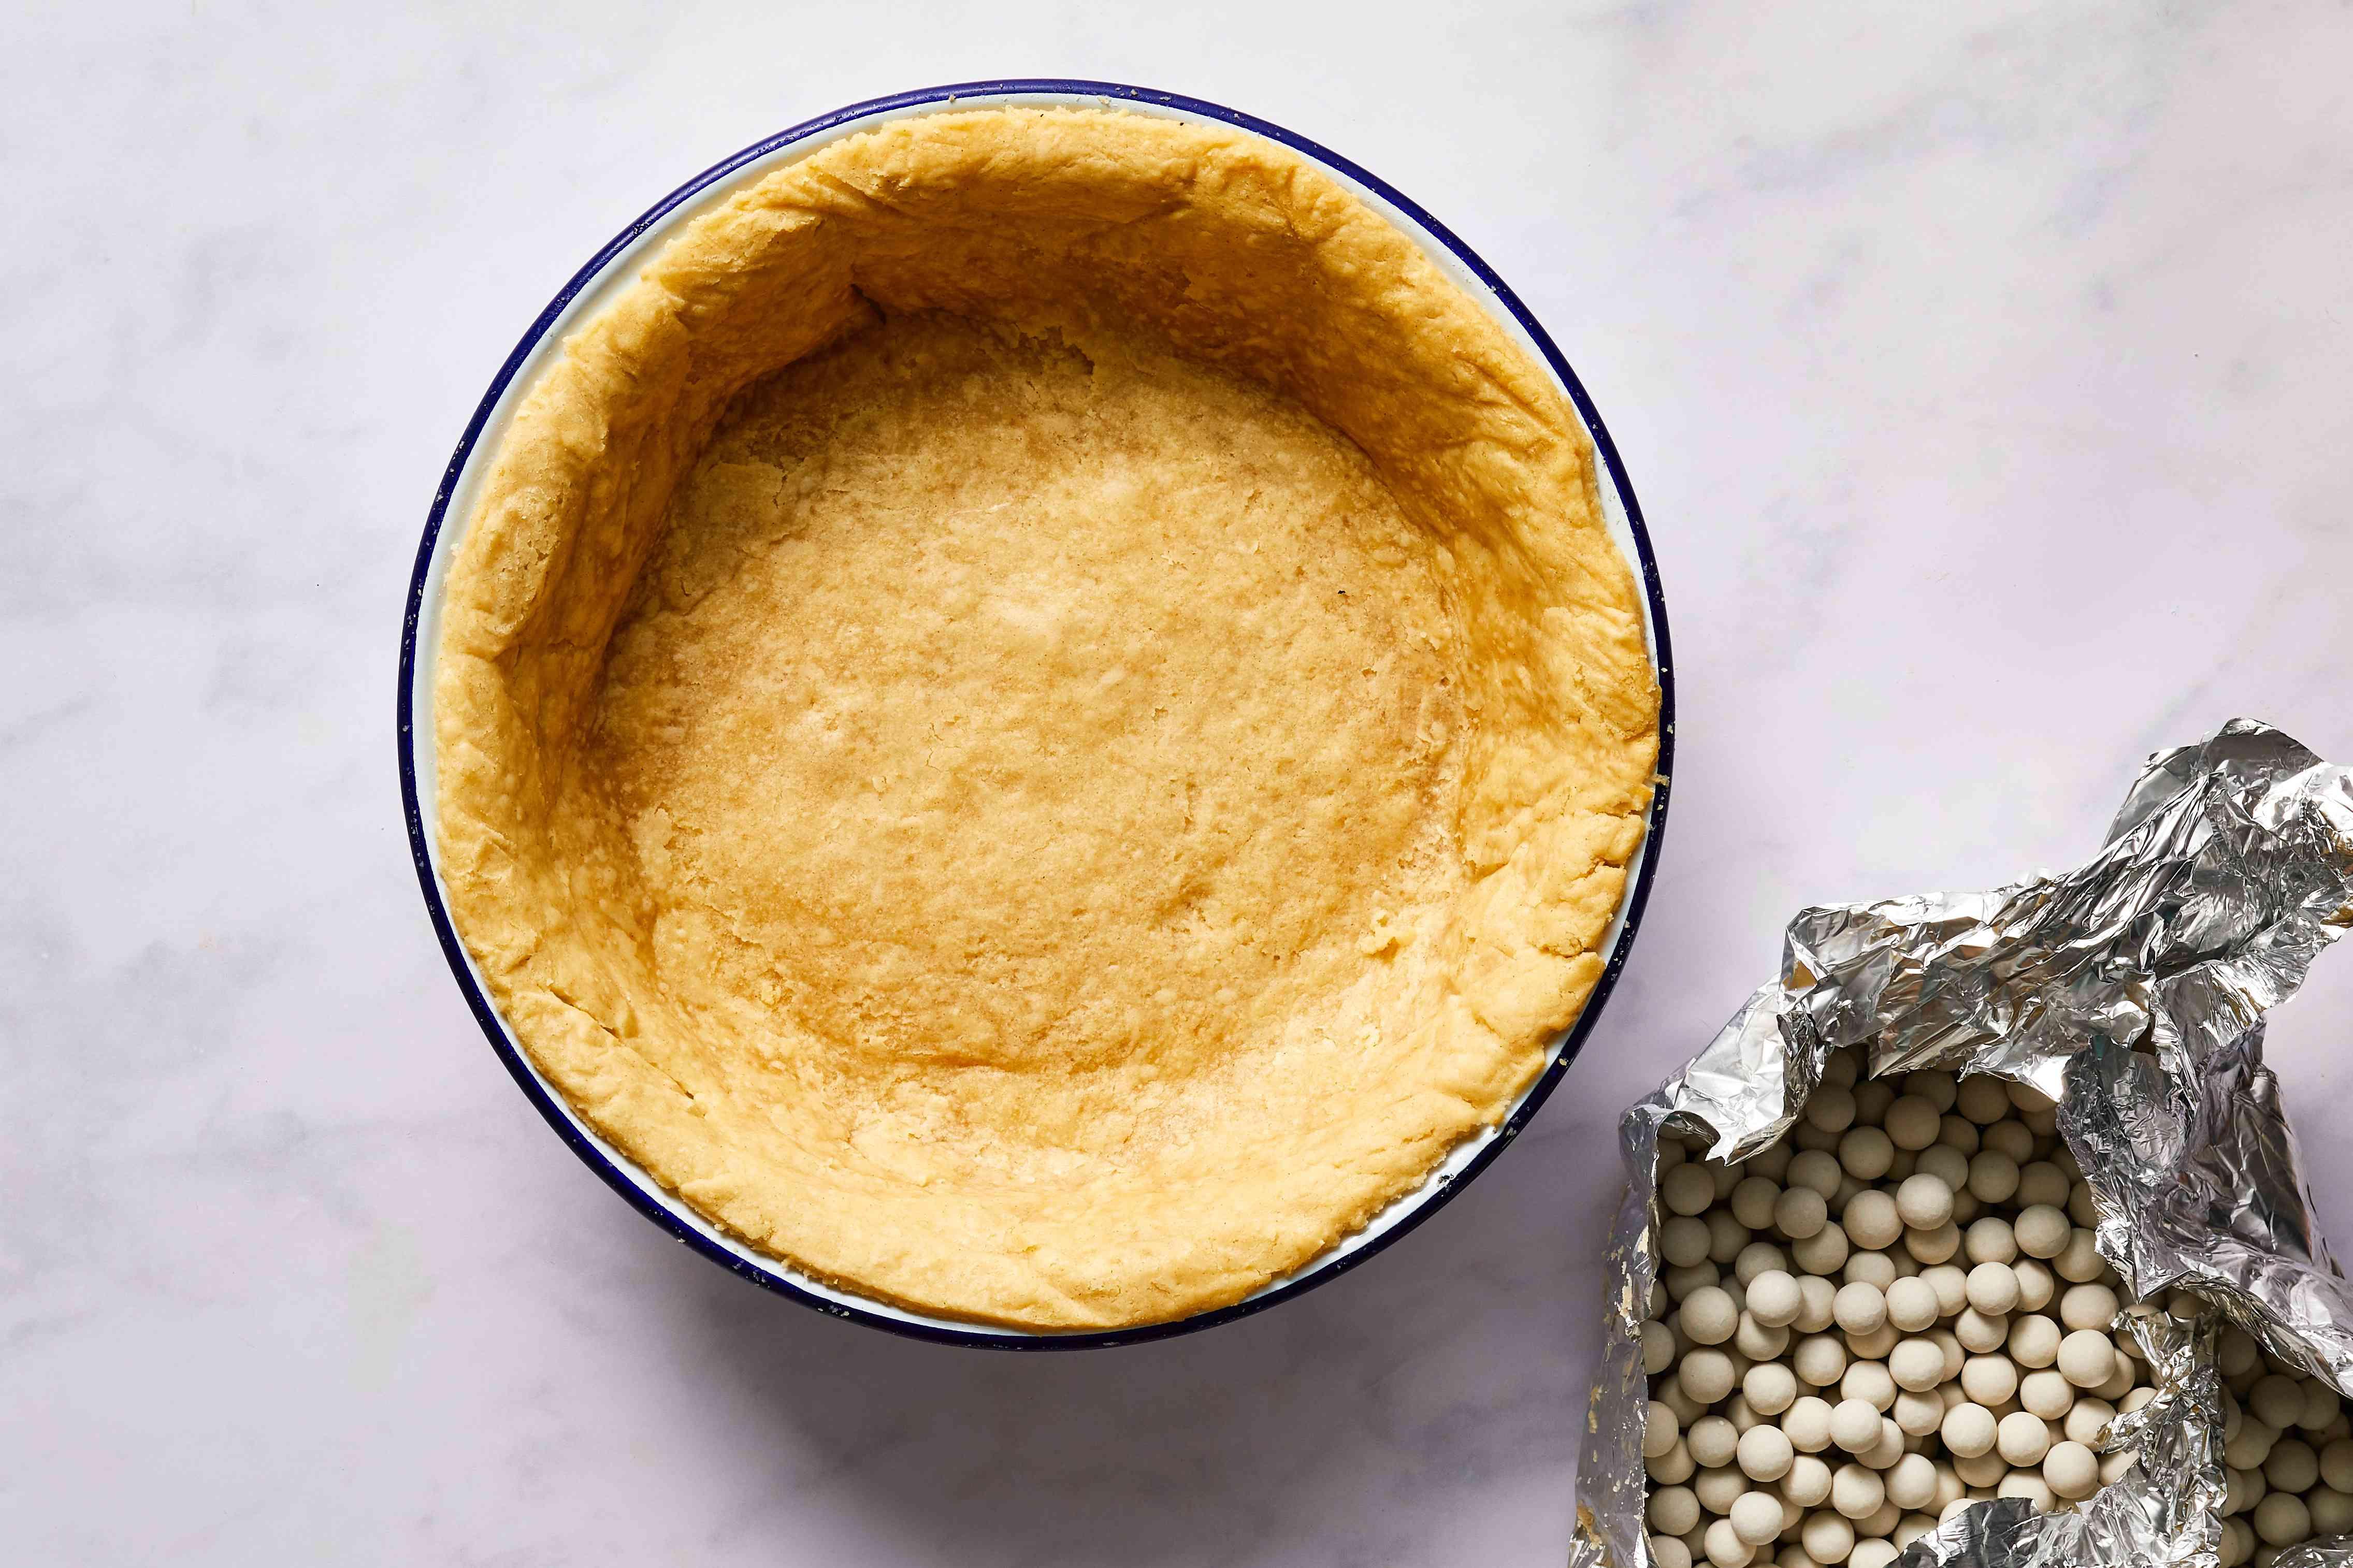 Easy Hot Water Pie Crust, blind baked